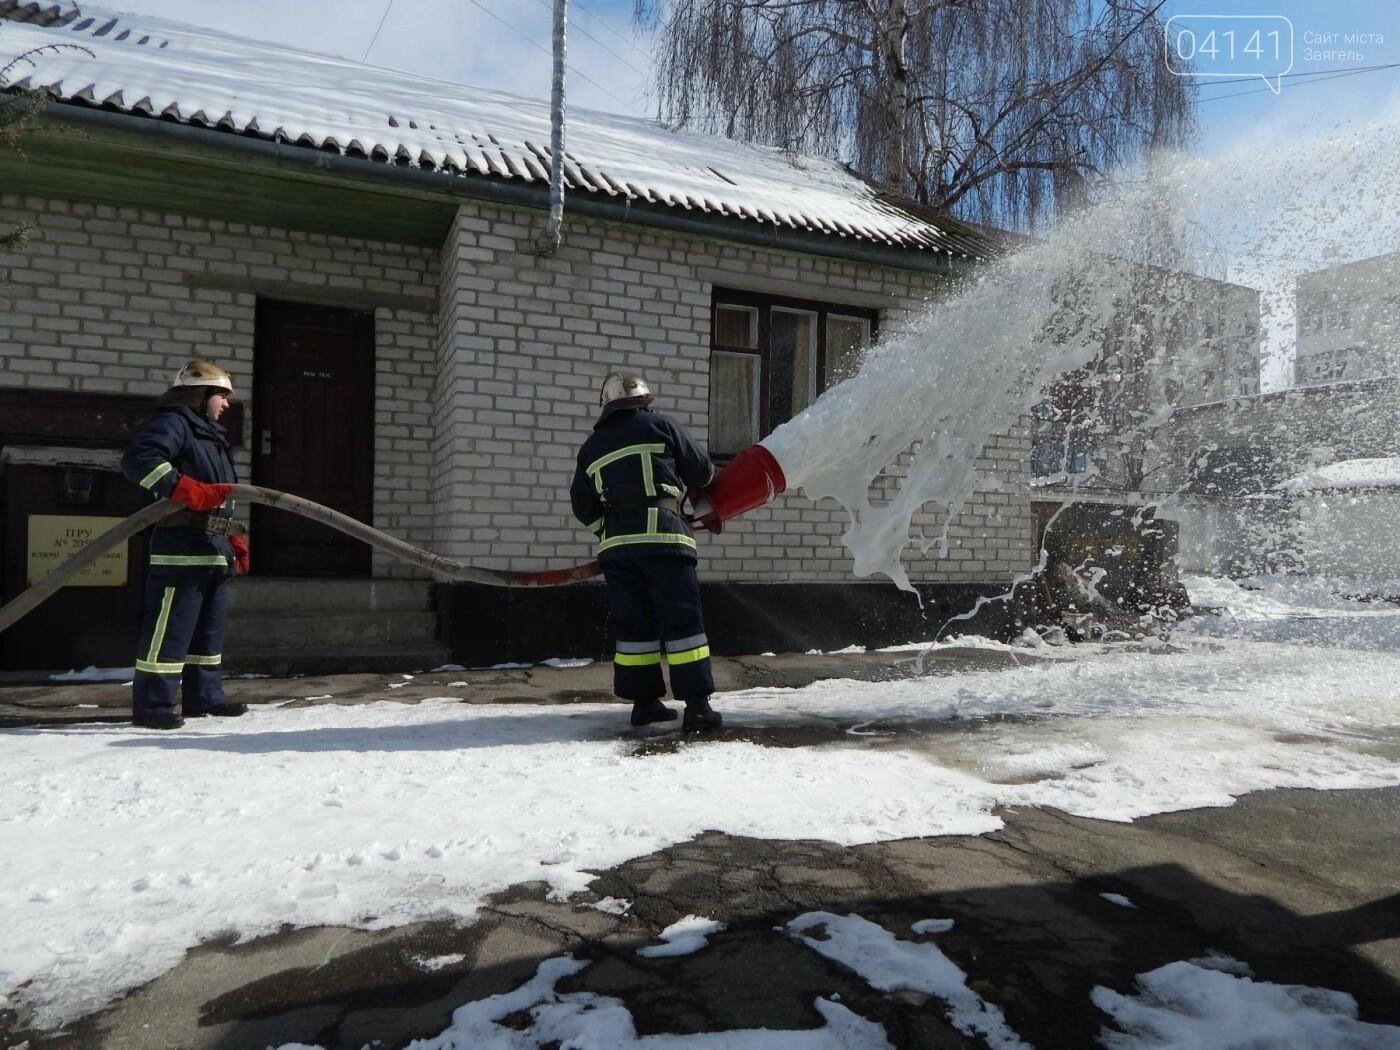 У Новограді-Волинському відбулася громадська акція «Запобігти. Врятувати. Допомогти!», фото-1